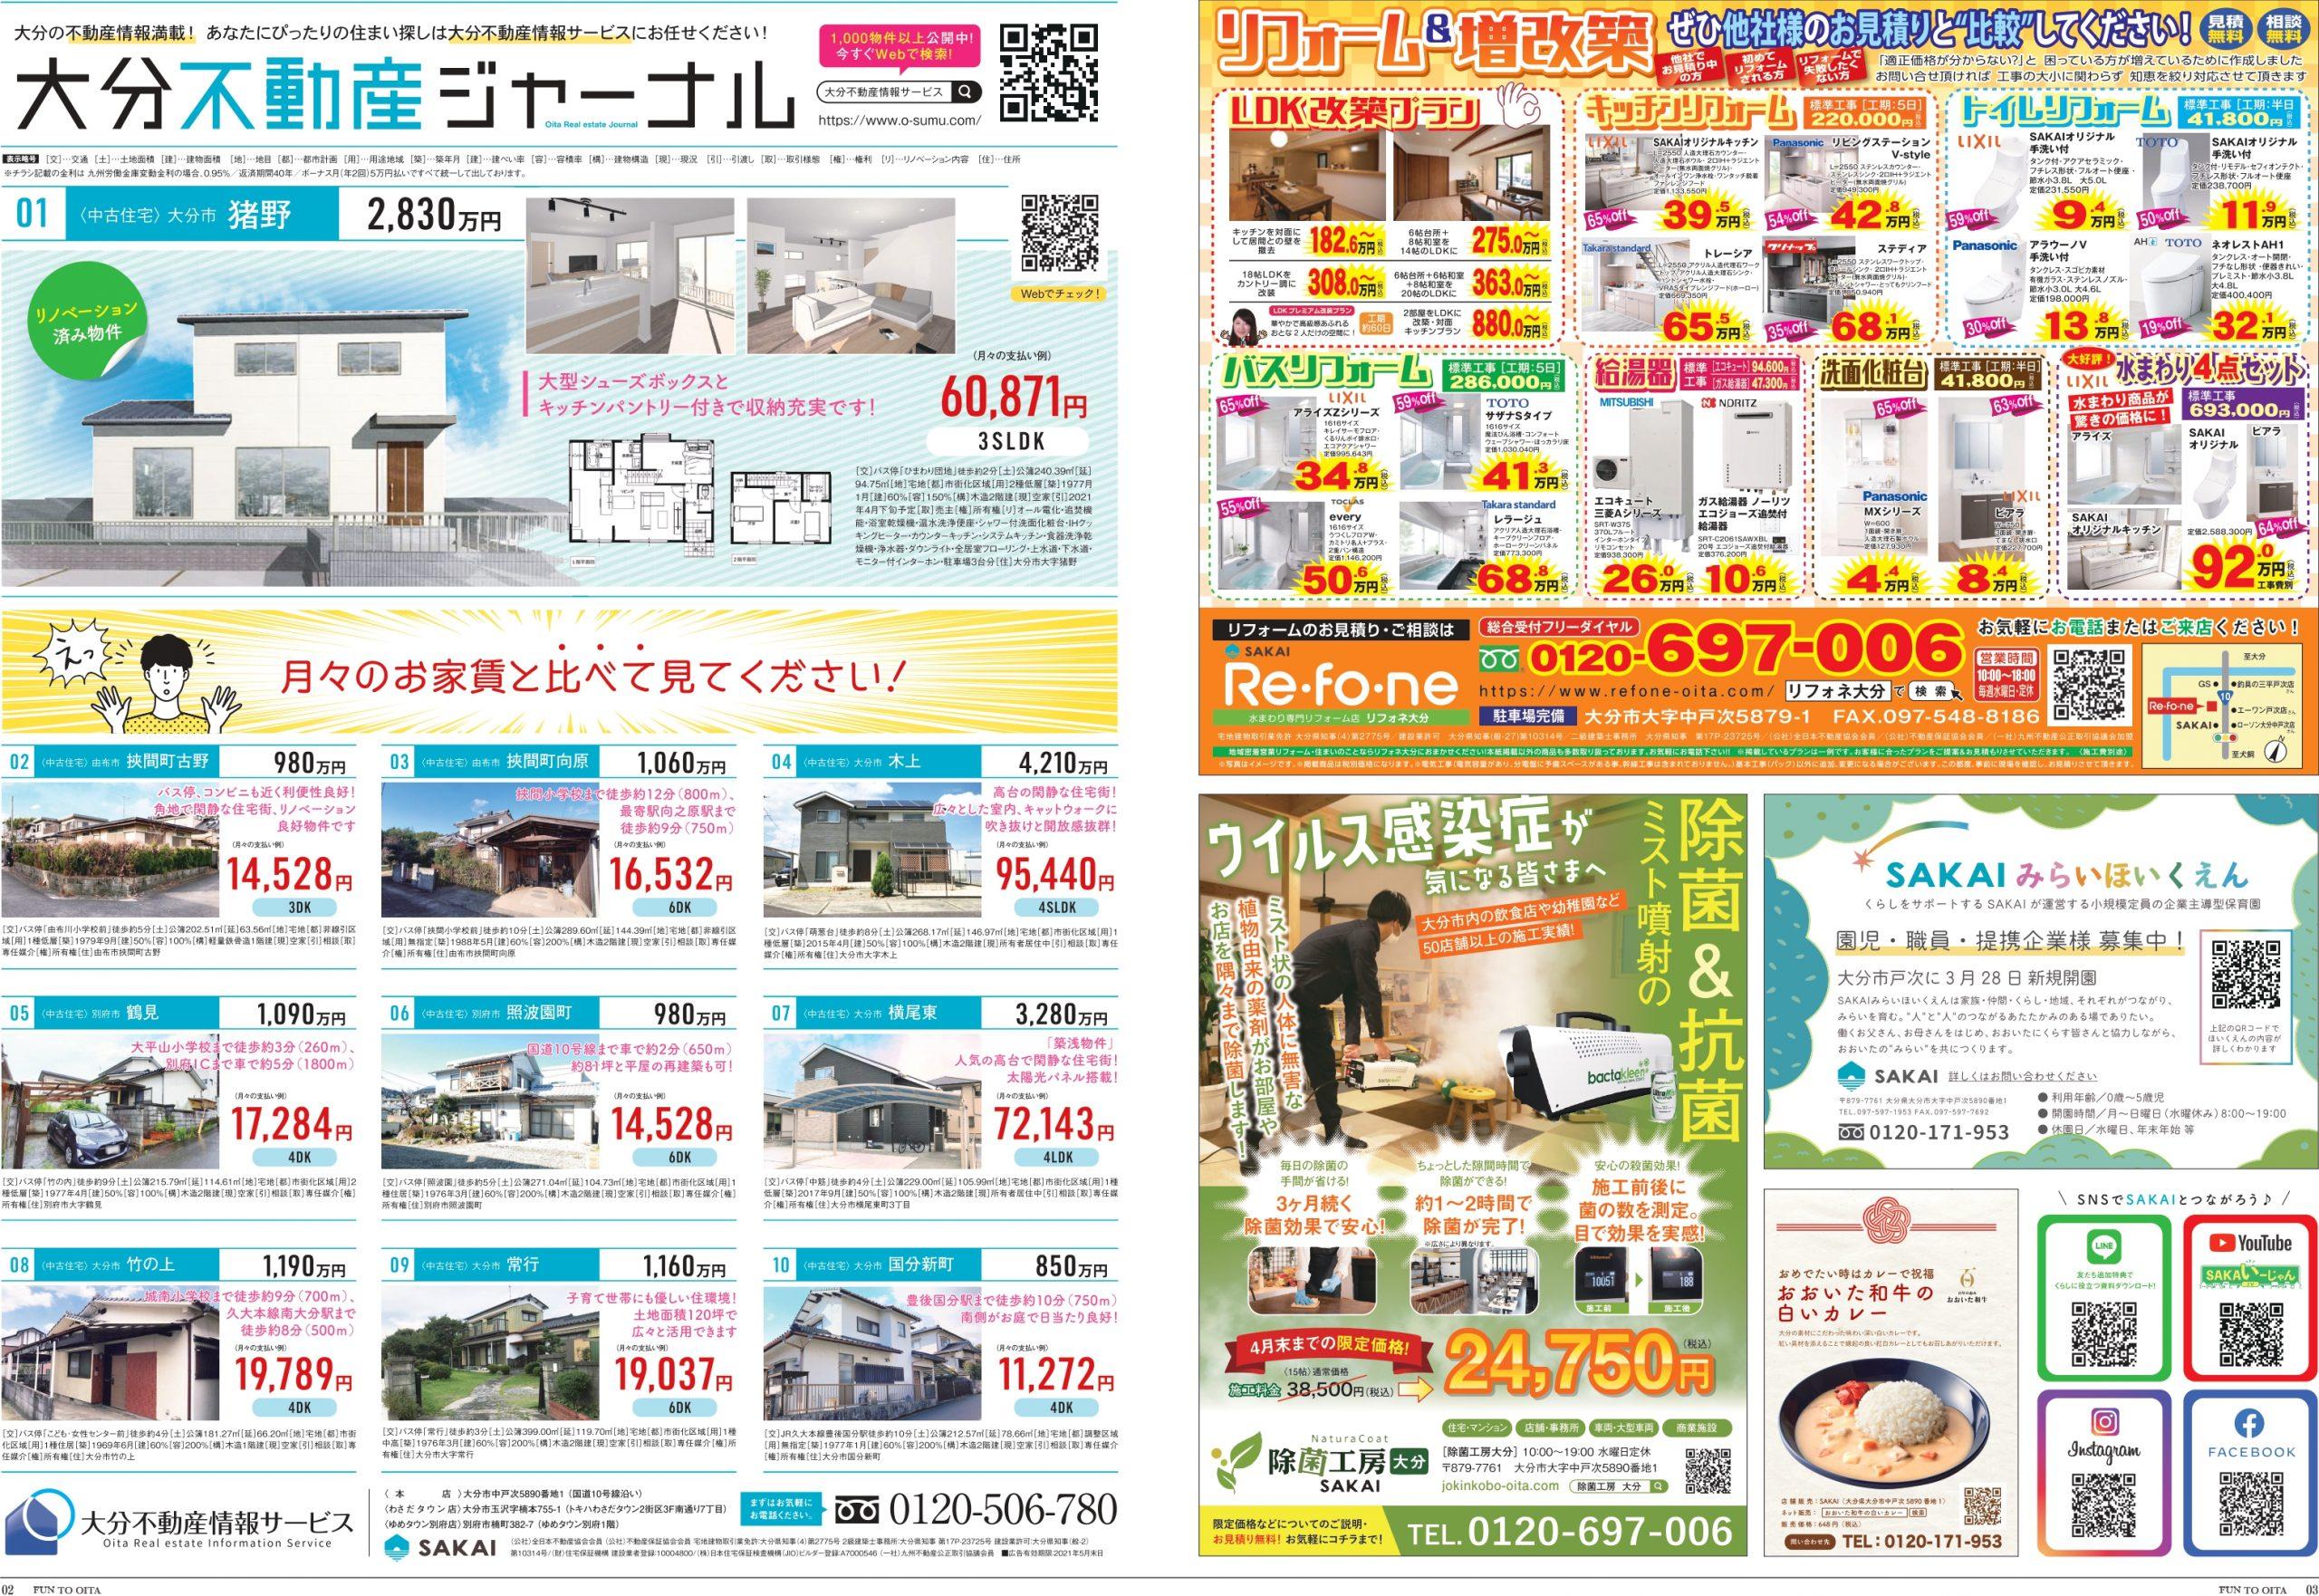 04大分不動産ジャーナル2021年04月号